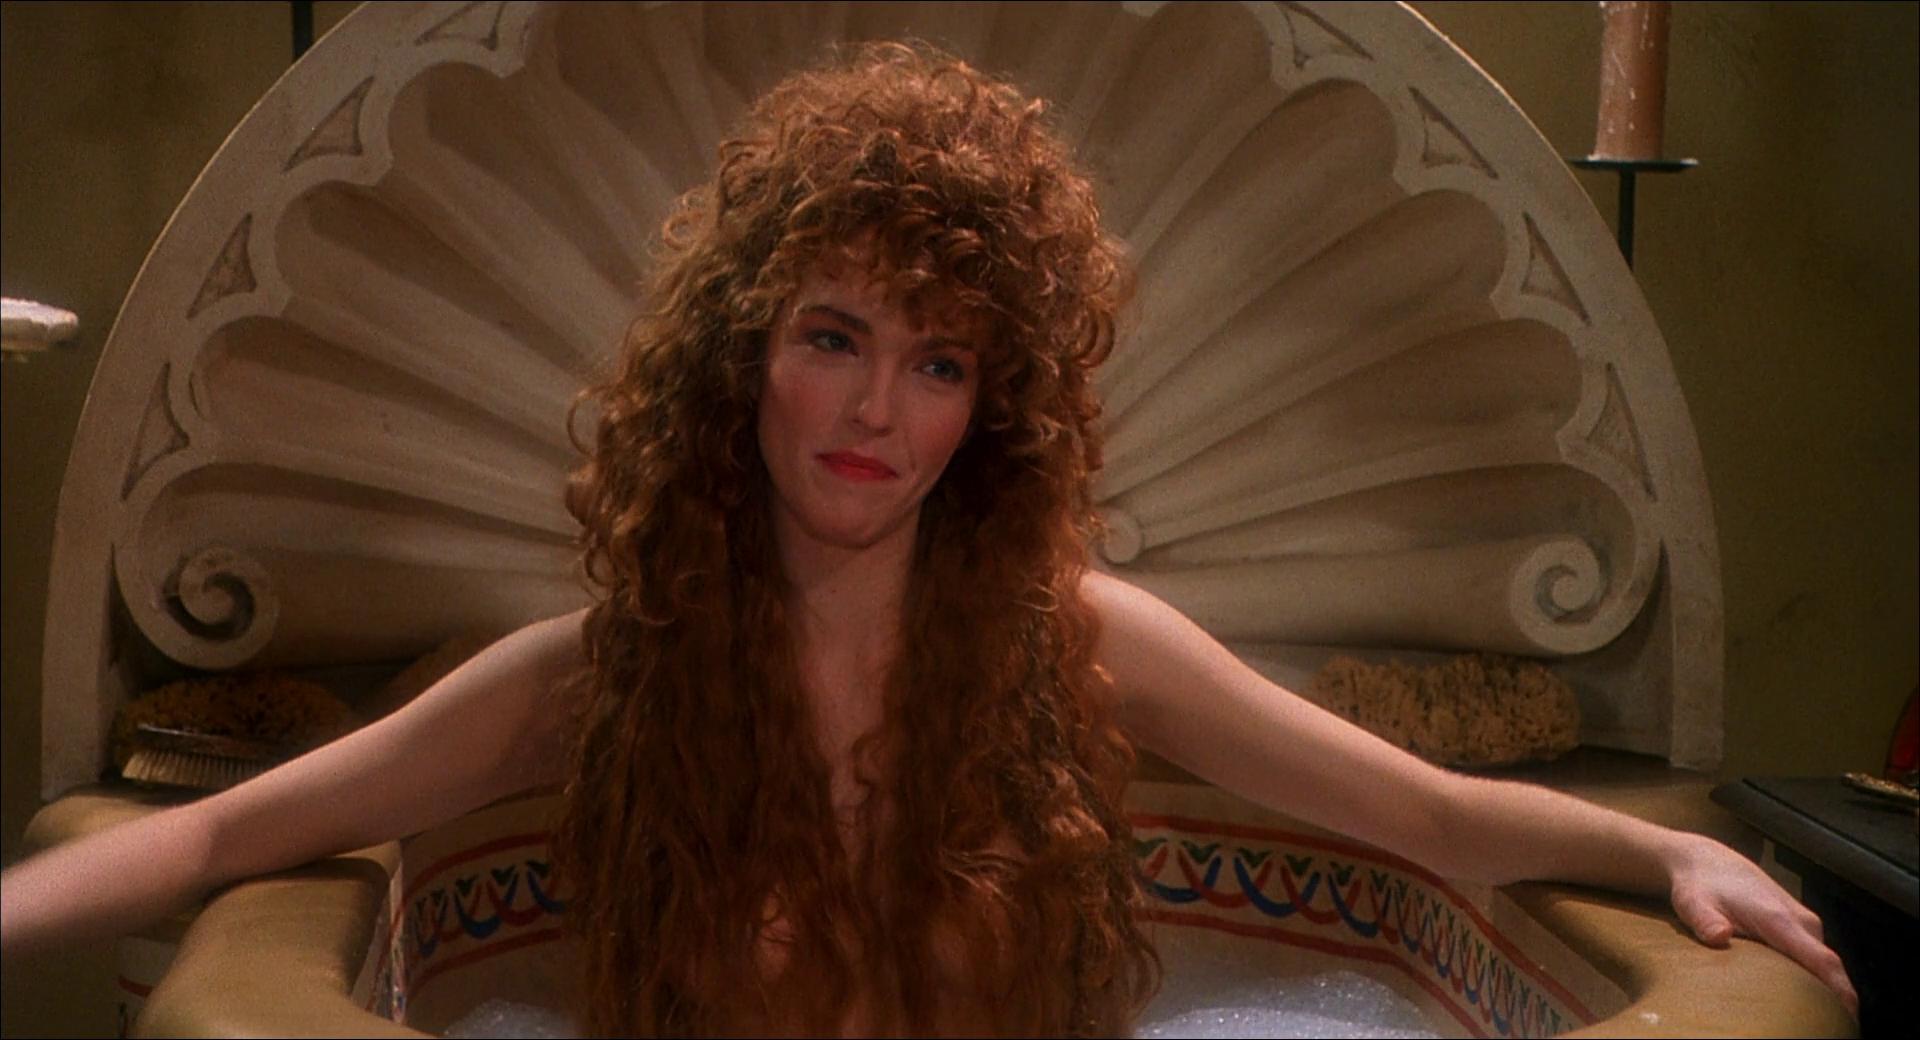 Голливудские красотки 90-х годов, которых недооценили в свое время